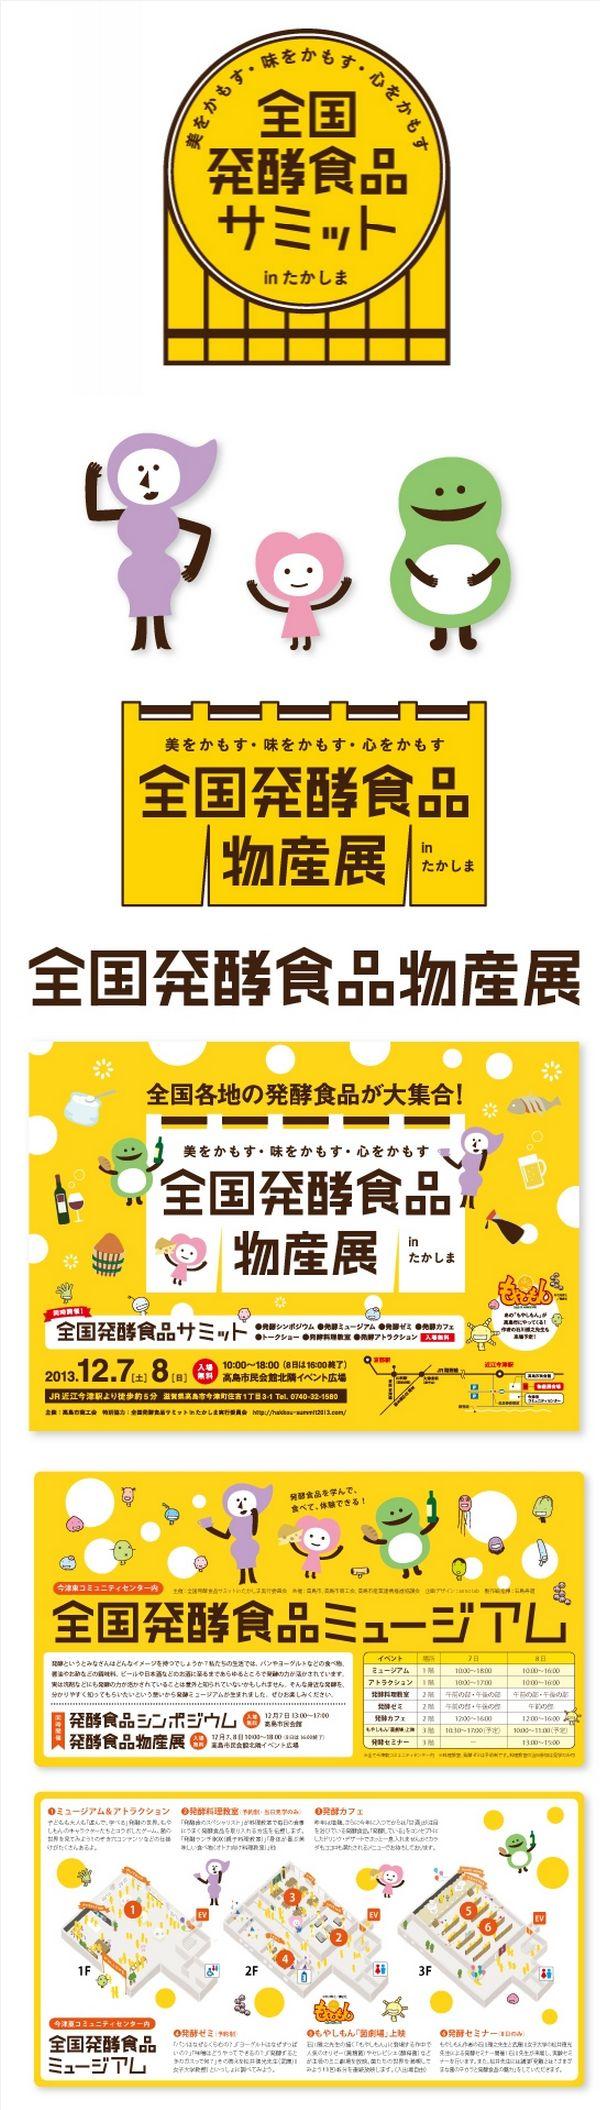 全国発酵食品サミット   Oeuflab ウフラボ